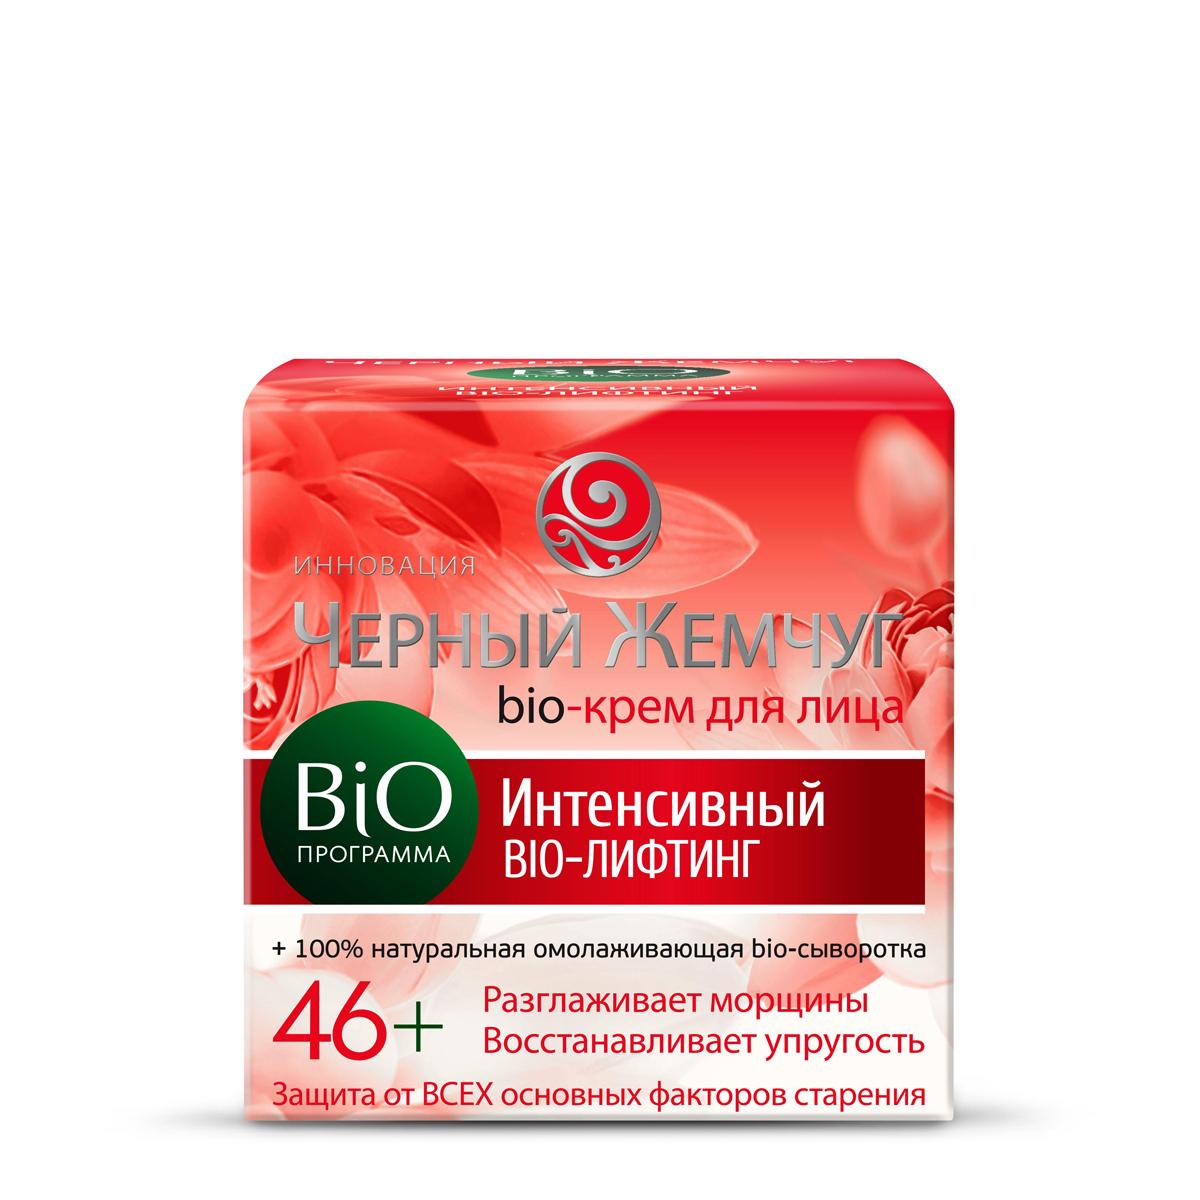 Черный Жемчуг Bio-Программа Крем для лица Интенсивное bio-питание 46+ 50 мл65500817Интенсивный bio-лифтинг. Первый BiO-крем, созданный специально для ухода за кожей после 46 лет. Разглаживает морщины Восстанавливает упругость Защита от ВСЕХ основных факторов старения ОДОБРЕНО ДЕРМАТОЛОГАМИ РЕКОМЕНДОВАНО КОСМЕТОЛОГАМИ КАК ДЕЙСТВУЕТ АНТИВОЗРАСТНОЙ BIO-КРЕМ 75% факторов старения связано с влиянием солнца и плохой экологии. Первый BiO-крем1 восстанавливает защитные функции кожи, поддерживает ее bio-баланс, защищает от старения. ЗАЩИТА ОТ ВСЕХ ОСНОВНЫХ ФАКТОРОВ СТАРЕНИЯ! 25% факторов старения связано с естественными возрастными изменениями. Интенсивная формула bio-крема восстанавливает bio-синтез коллагена, разглаживая морщины и придавая четкость овалу лица.